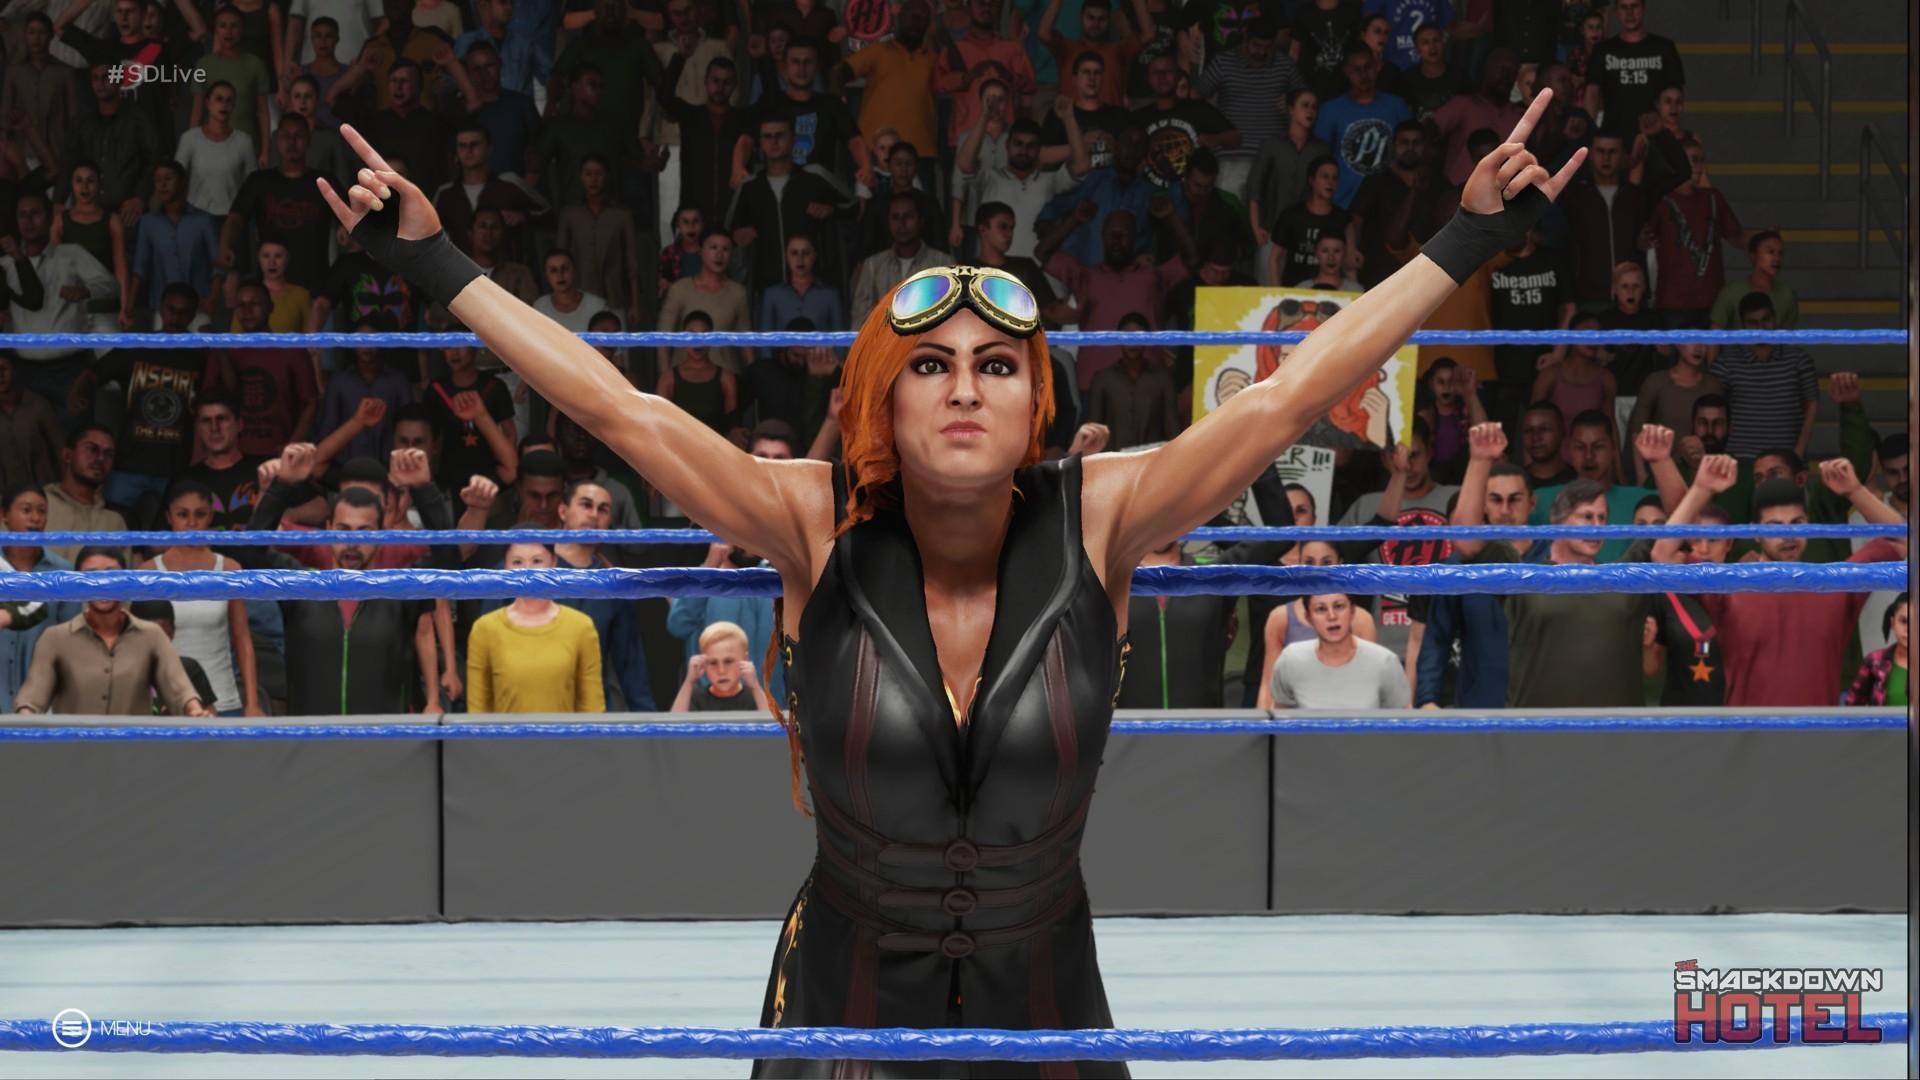 Becky Lynch Wwe 2k19 Roster